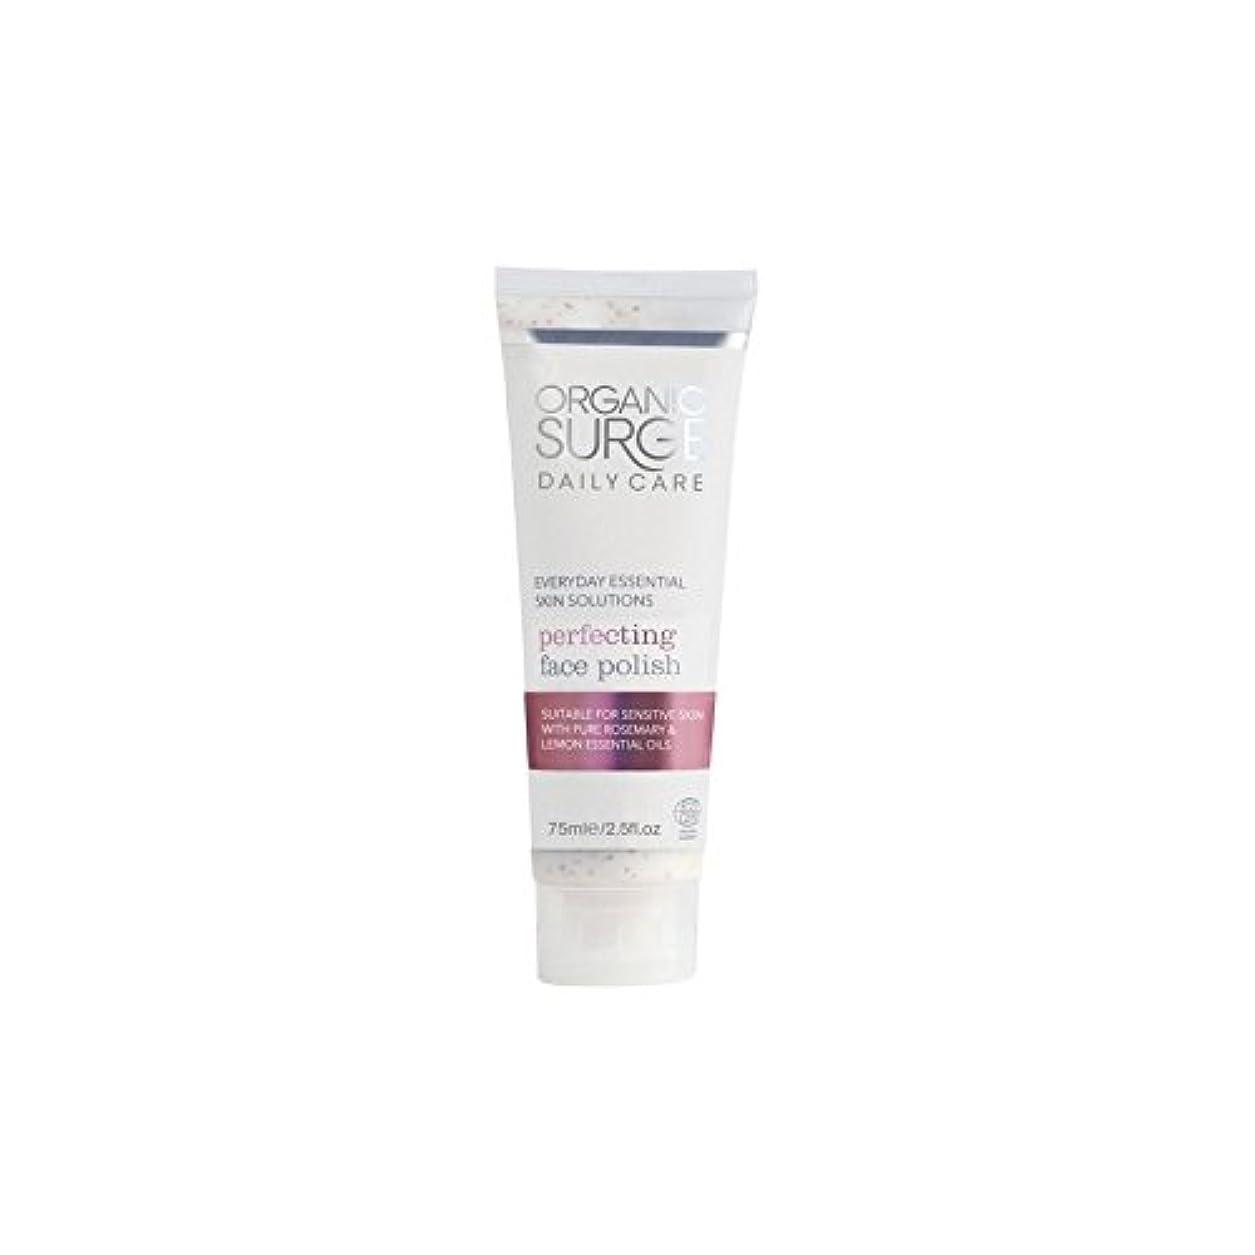 困難命題遺体安置所Organic Surge Daily Care Perfecting Face Polish (75ml) - 面研磨を完成有機サージ毎日のケア(75ミリリットル) [並行輸入品]